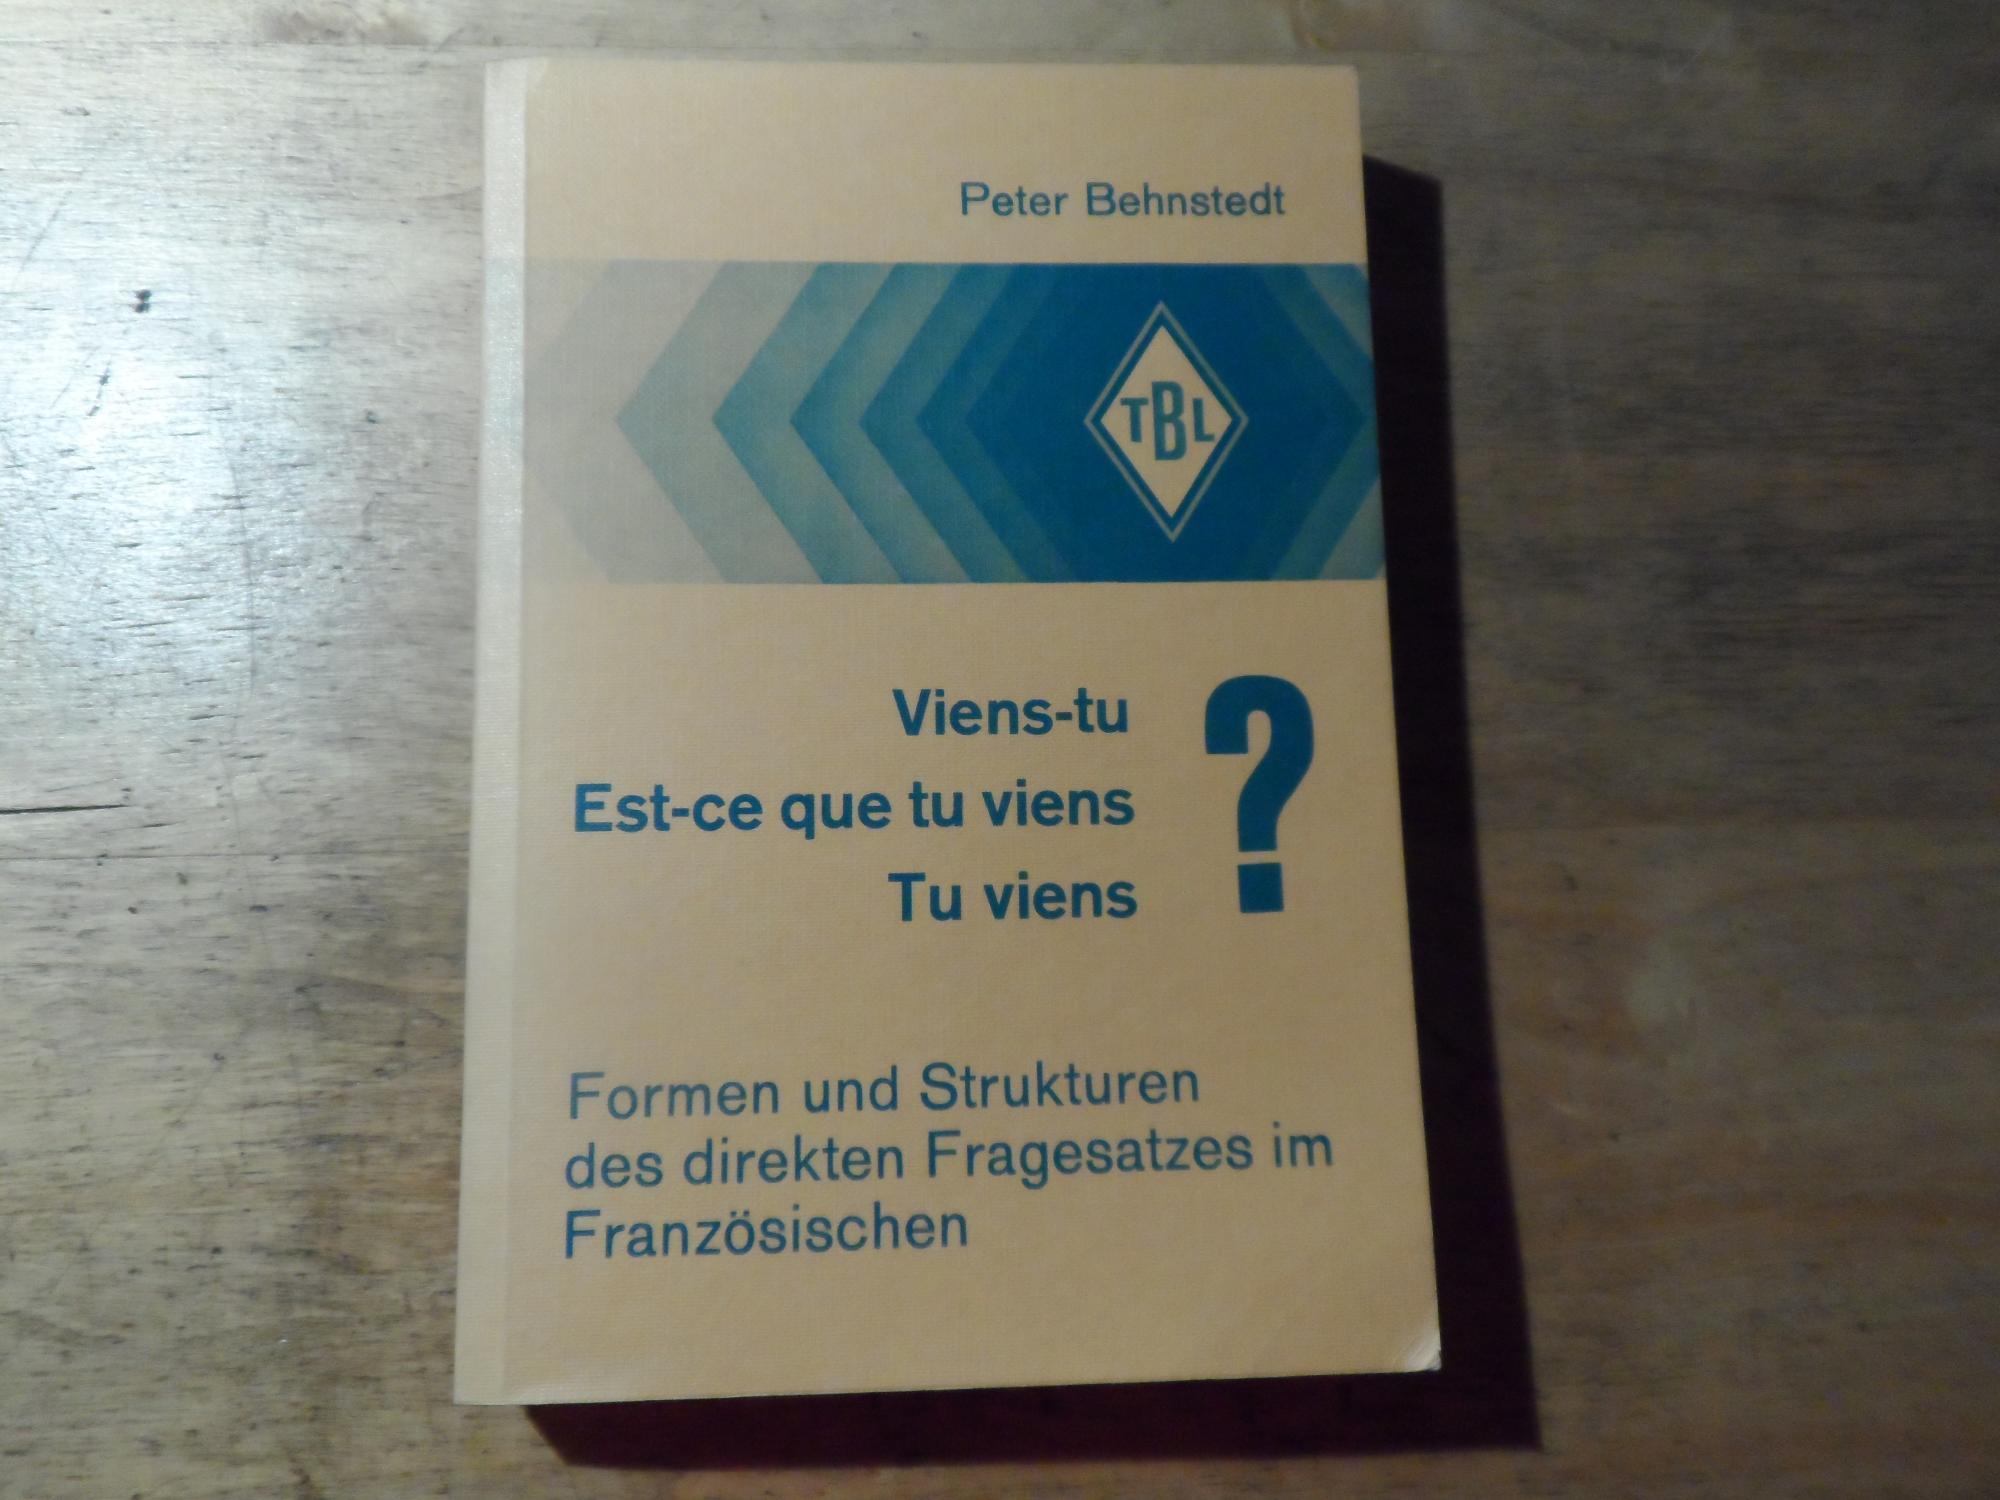 Viens-tu Est-ce que tu viens Tu viens: Behnstedt,Peter(signiert)